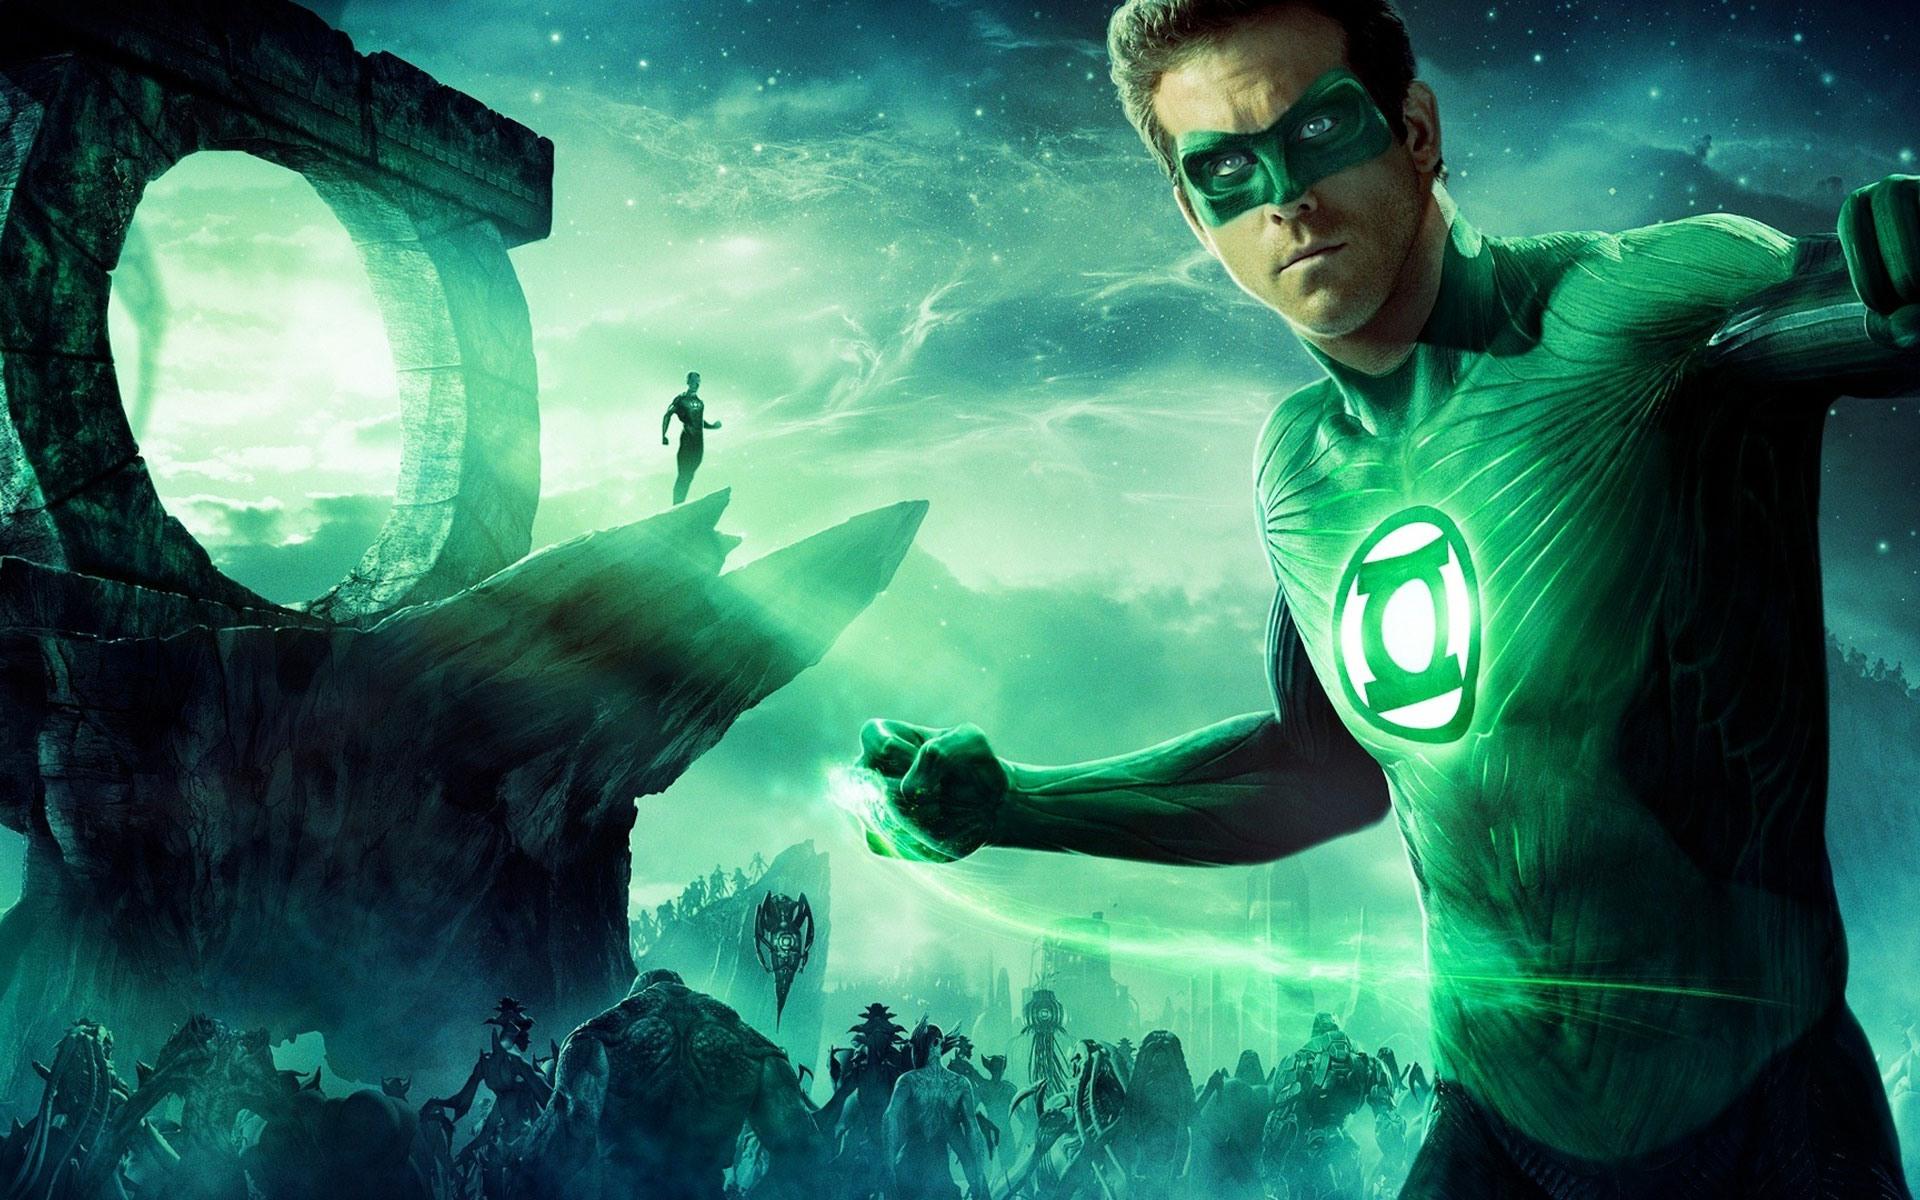 Green Lantern Wallpaper 1920x1200